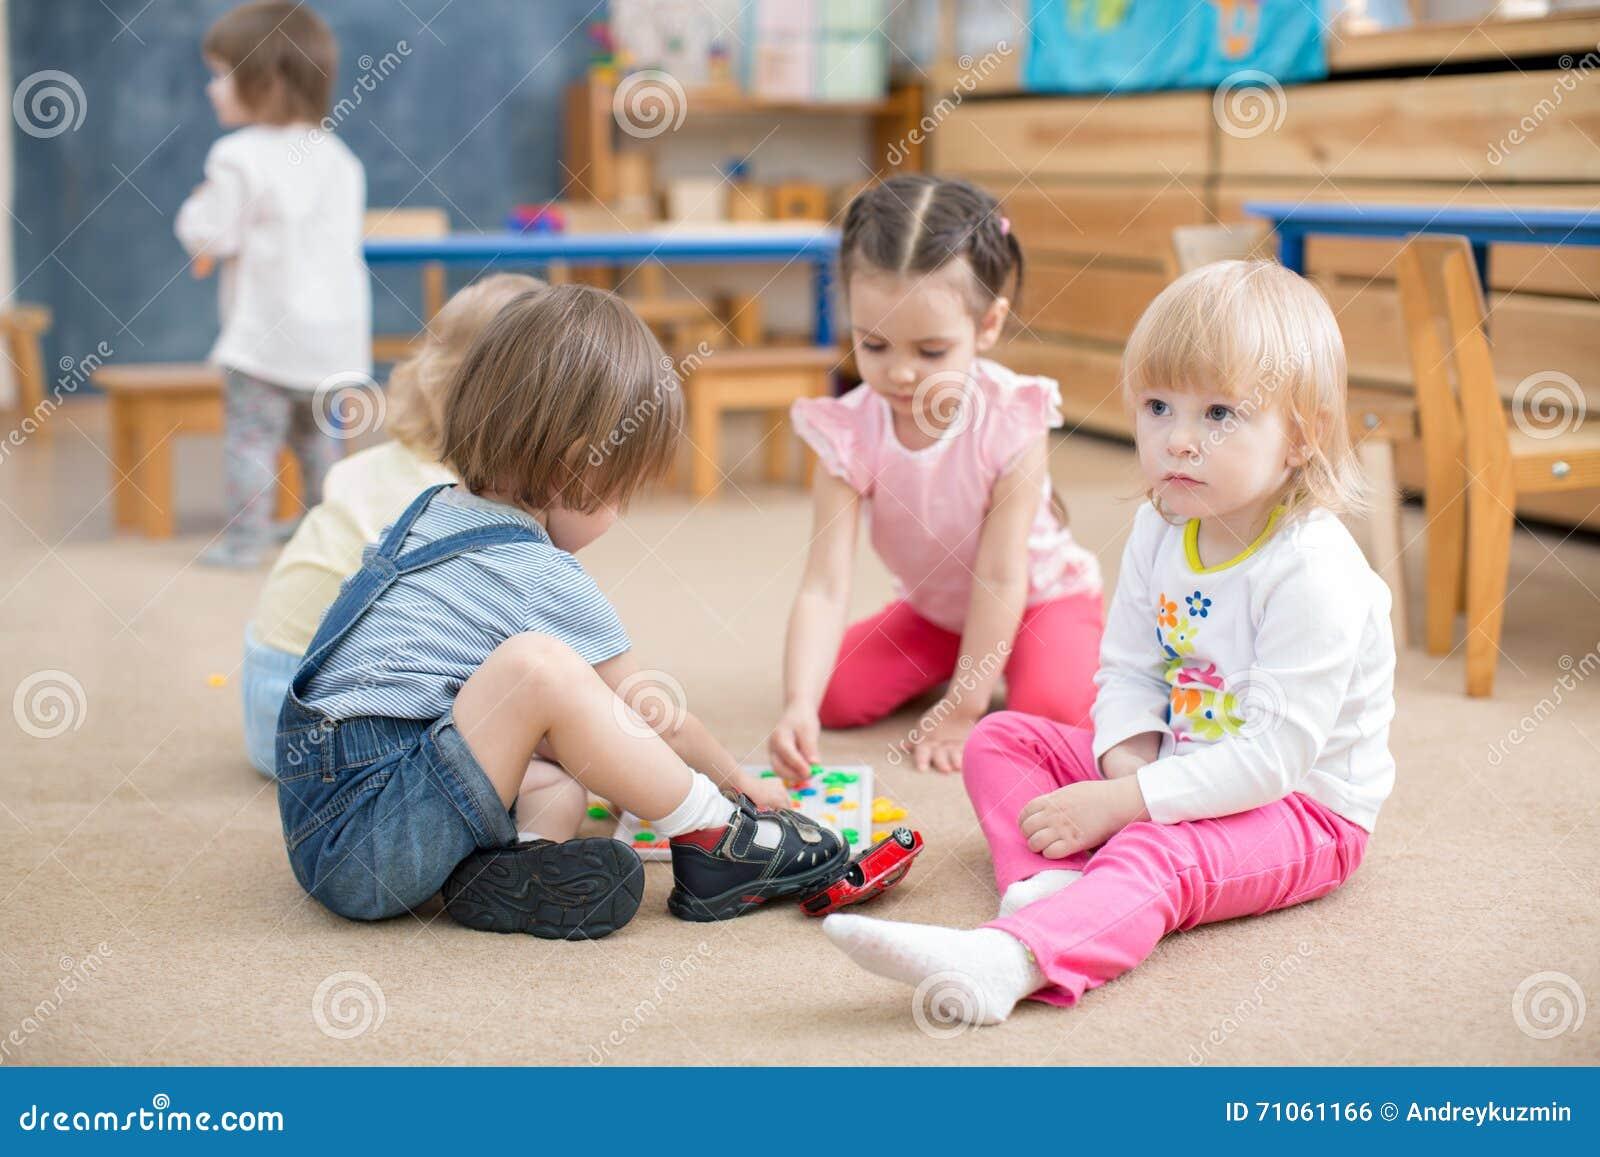 Kinderen die spelen in kleuterschoolspeelkamer spelen